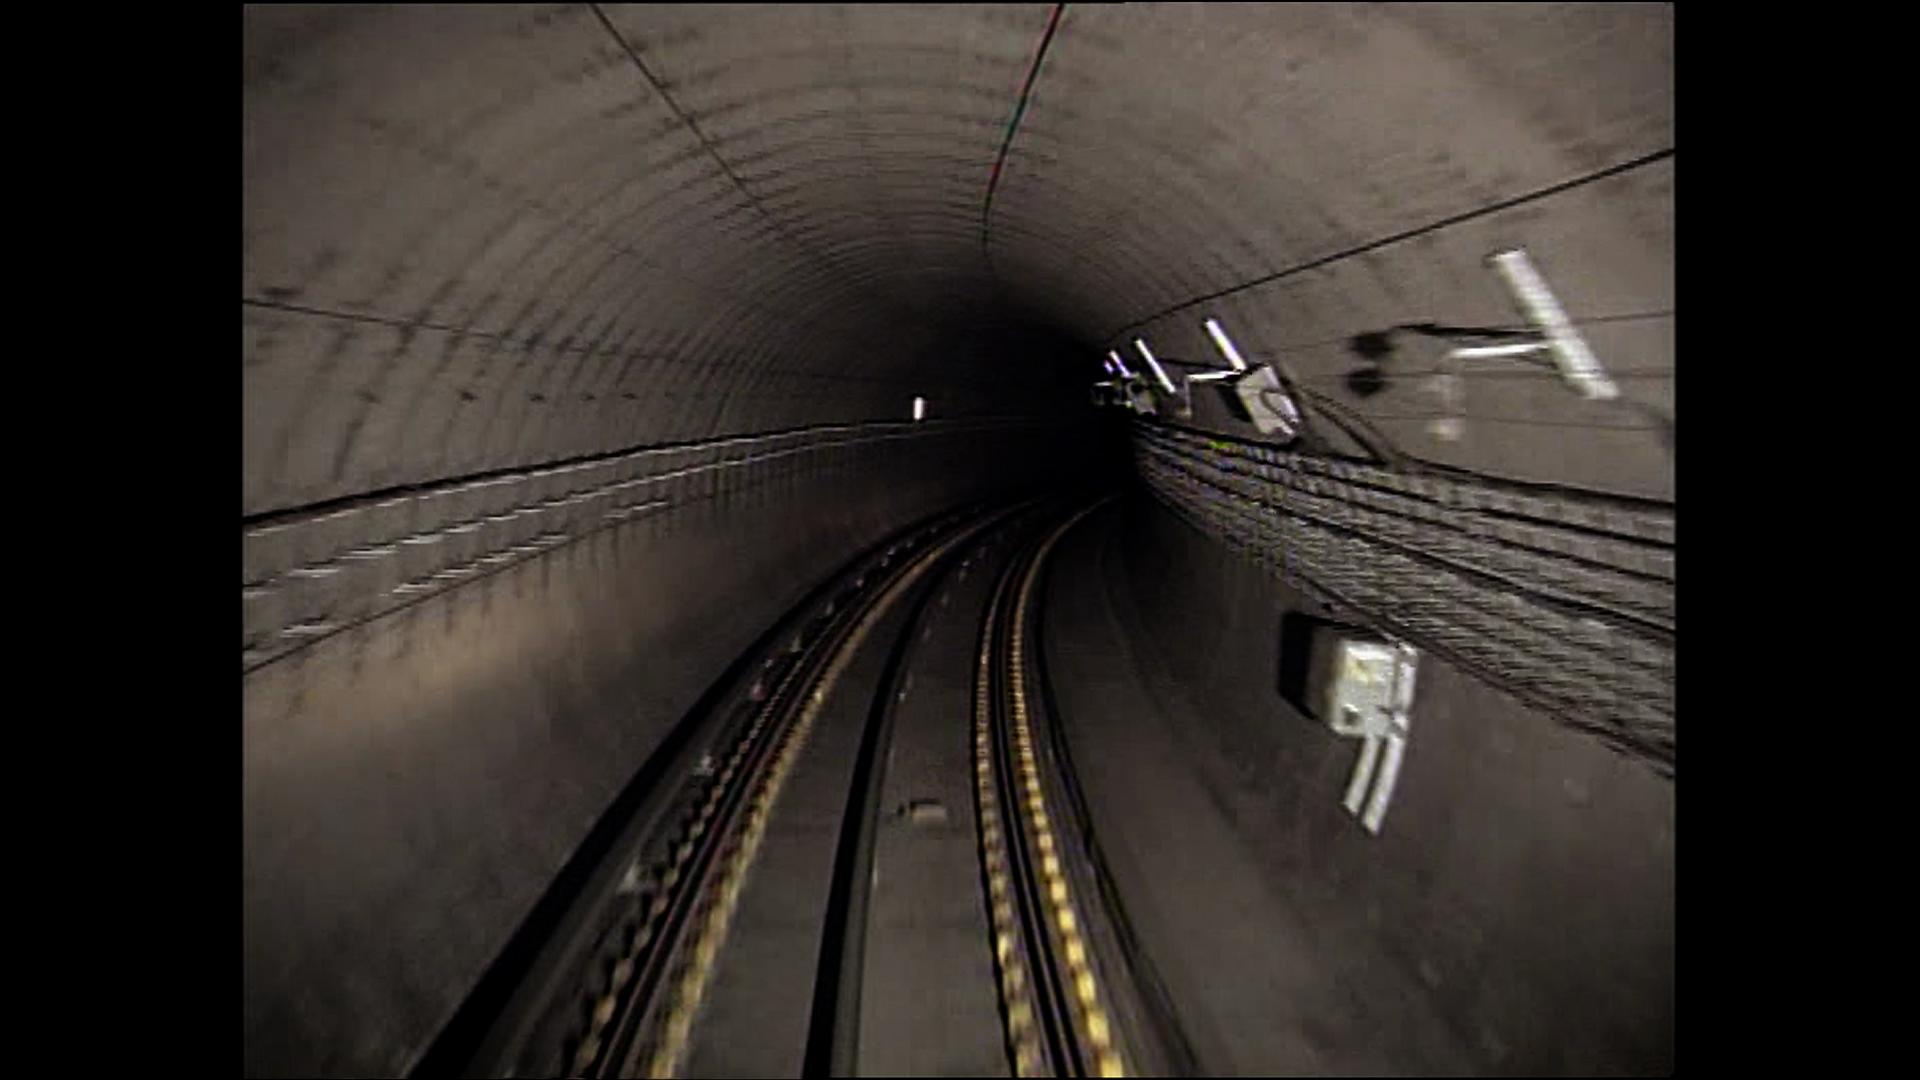 Still from CROSS BONES (HD video, 10min)